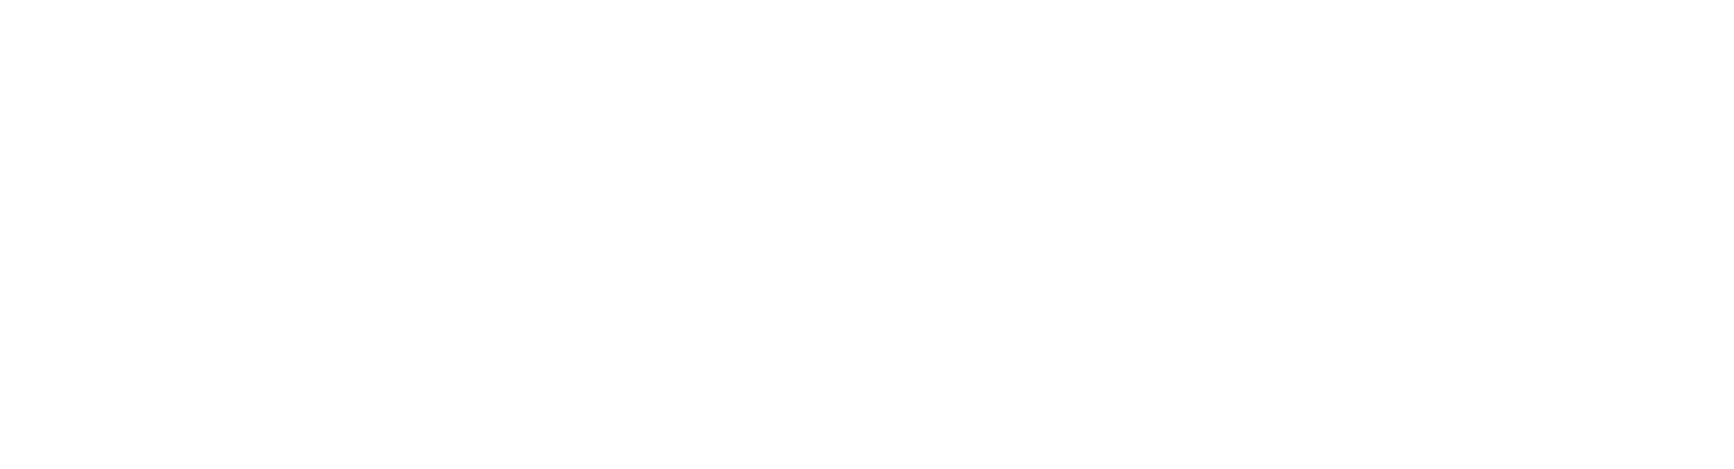 MERCADO SALUDABLE